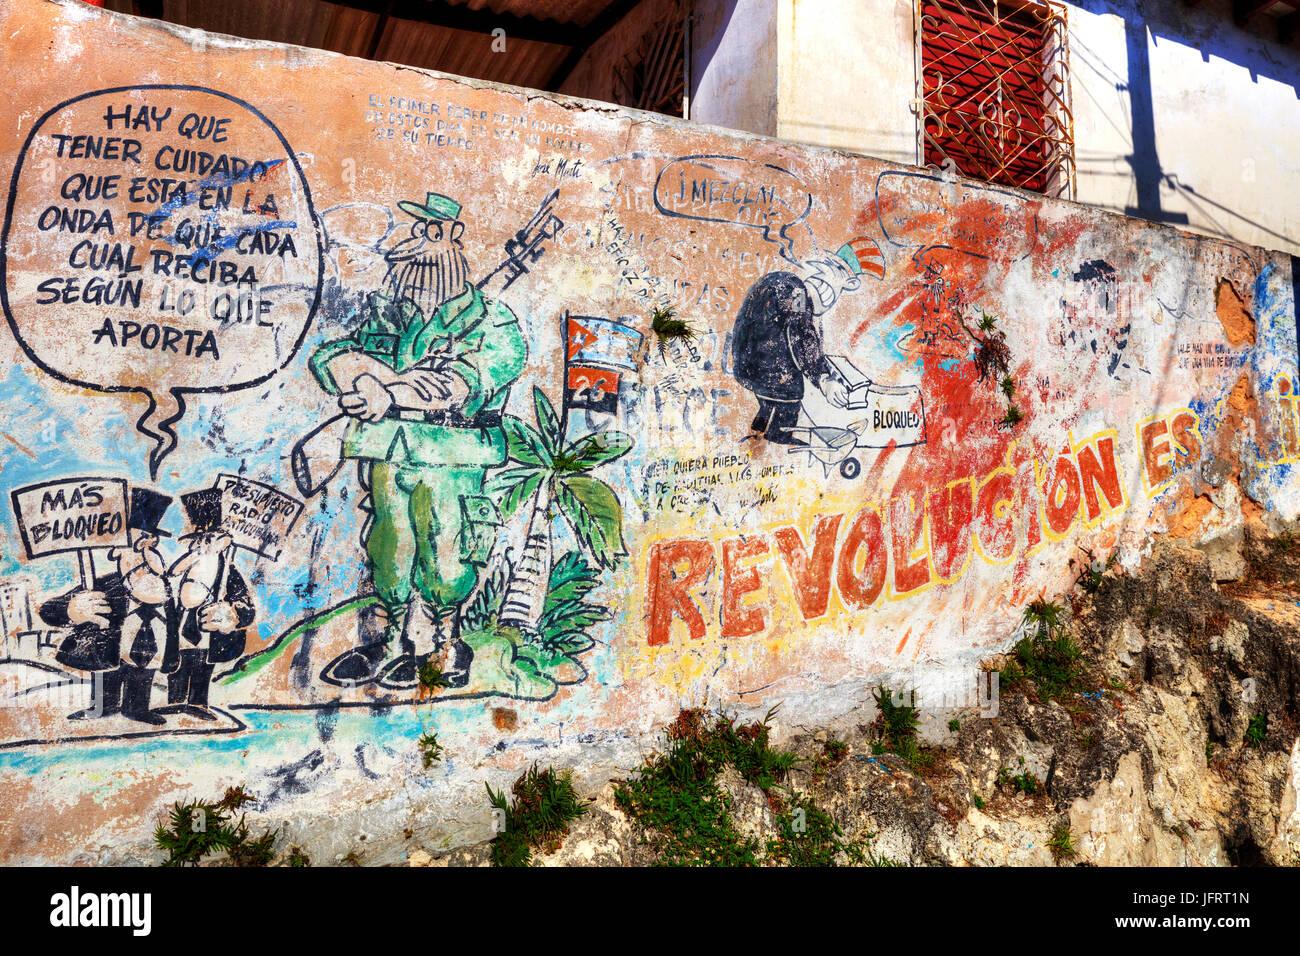 Cuban propaganda Cuban Graffiti Fidel Castro Graffiti Cuban revolution Cuban revolucion Cuba graffiti wall art Cuban Fidel Castro propaganda & Cuban propaganda Cuban Graffiti Fidel Castro Graffiti Cuban Stock ...